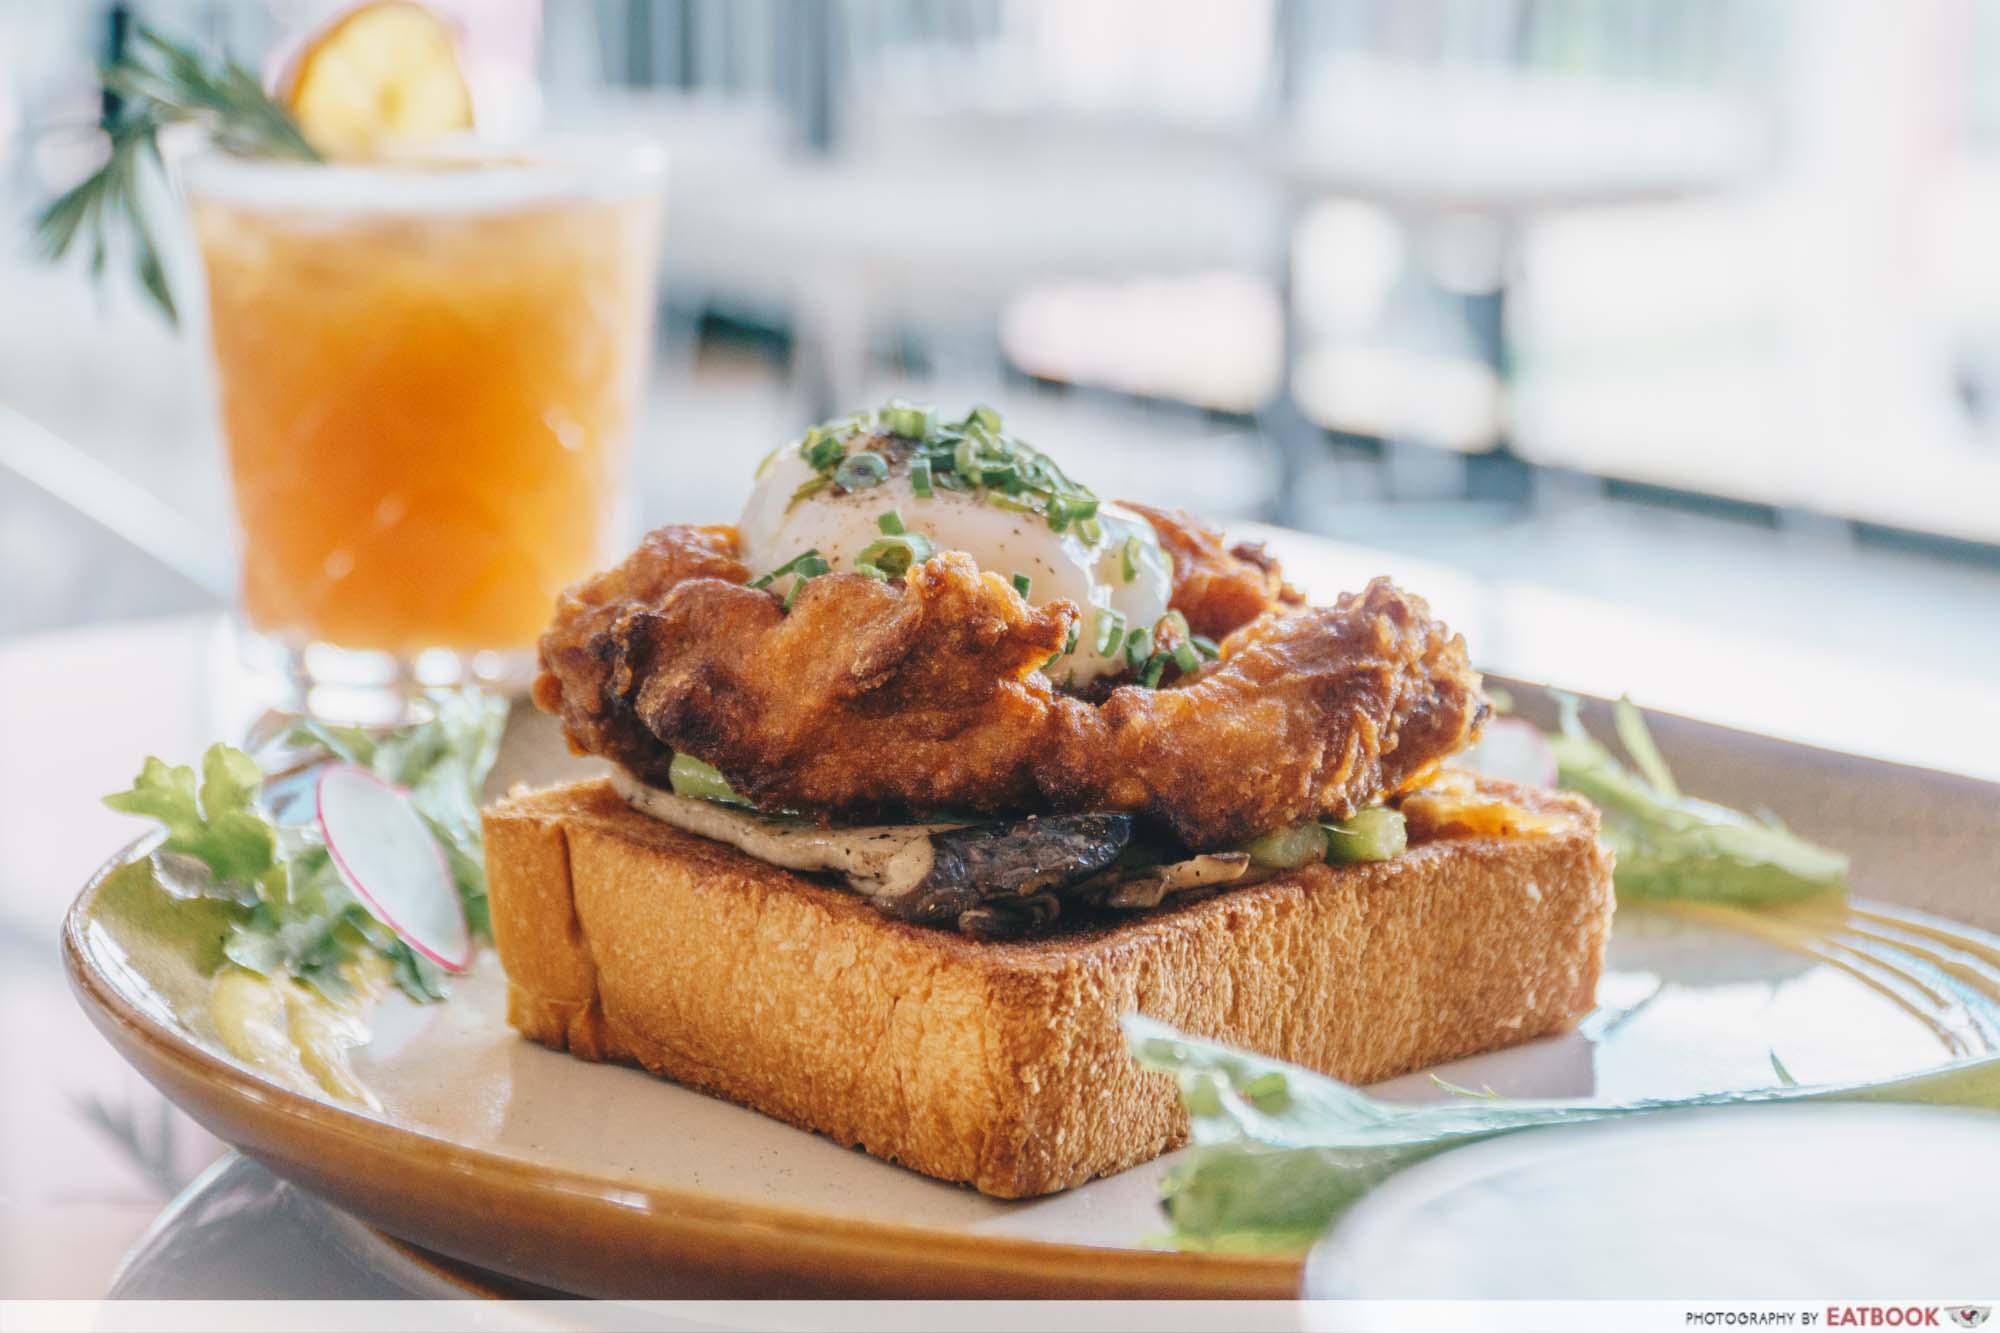 Tropique Cafe & Restaurant - Fried Chicken Benny